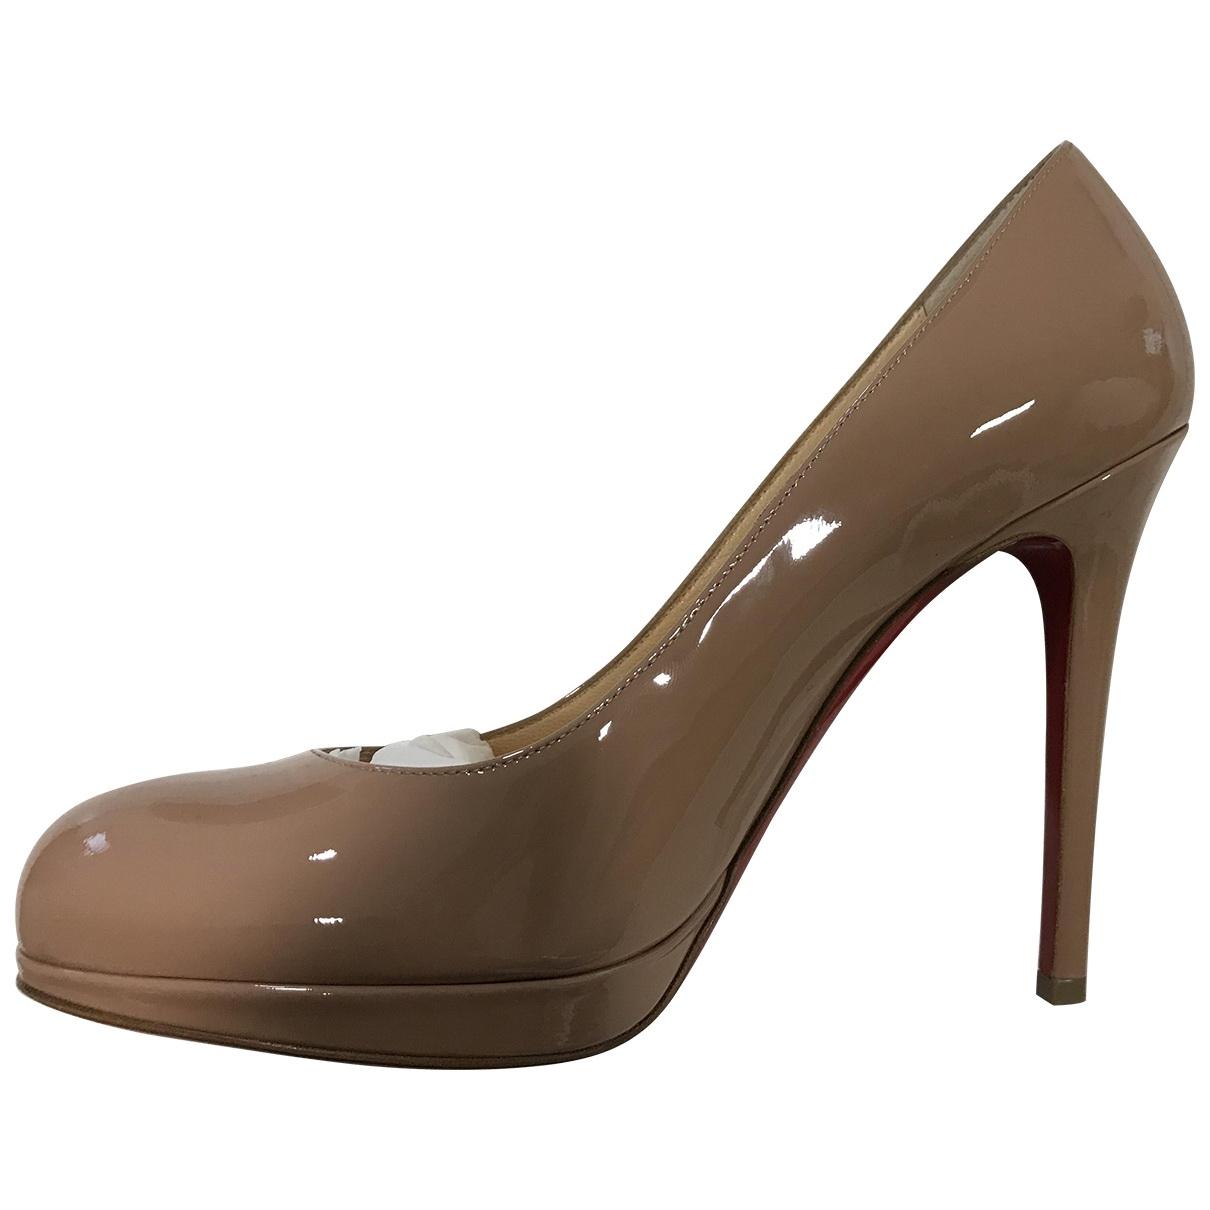 Christian Louboutin - Escarpins Simple pump pour femme en cuir verni - beige